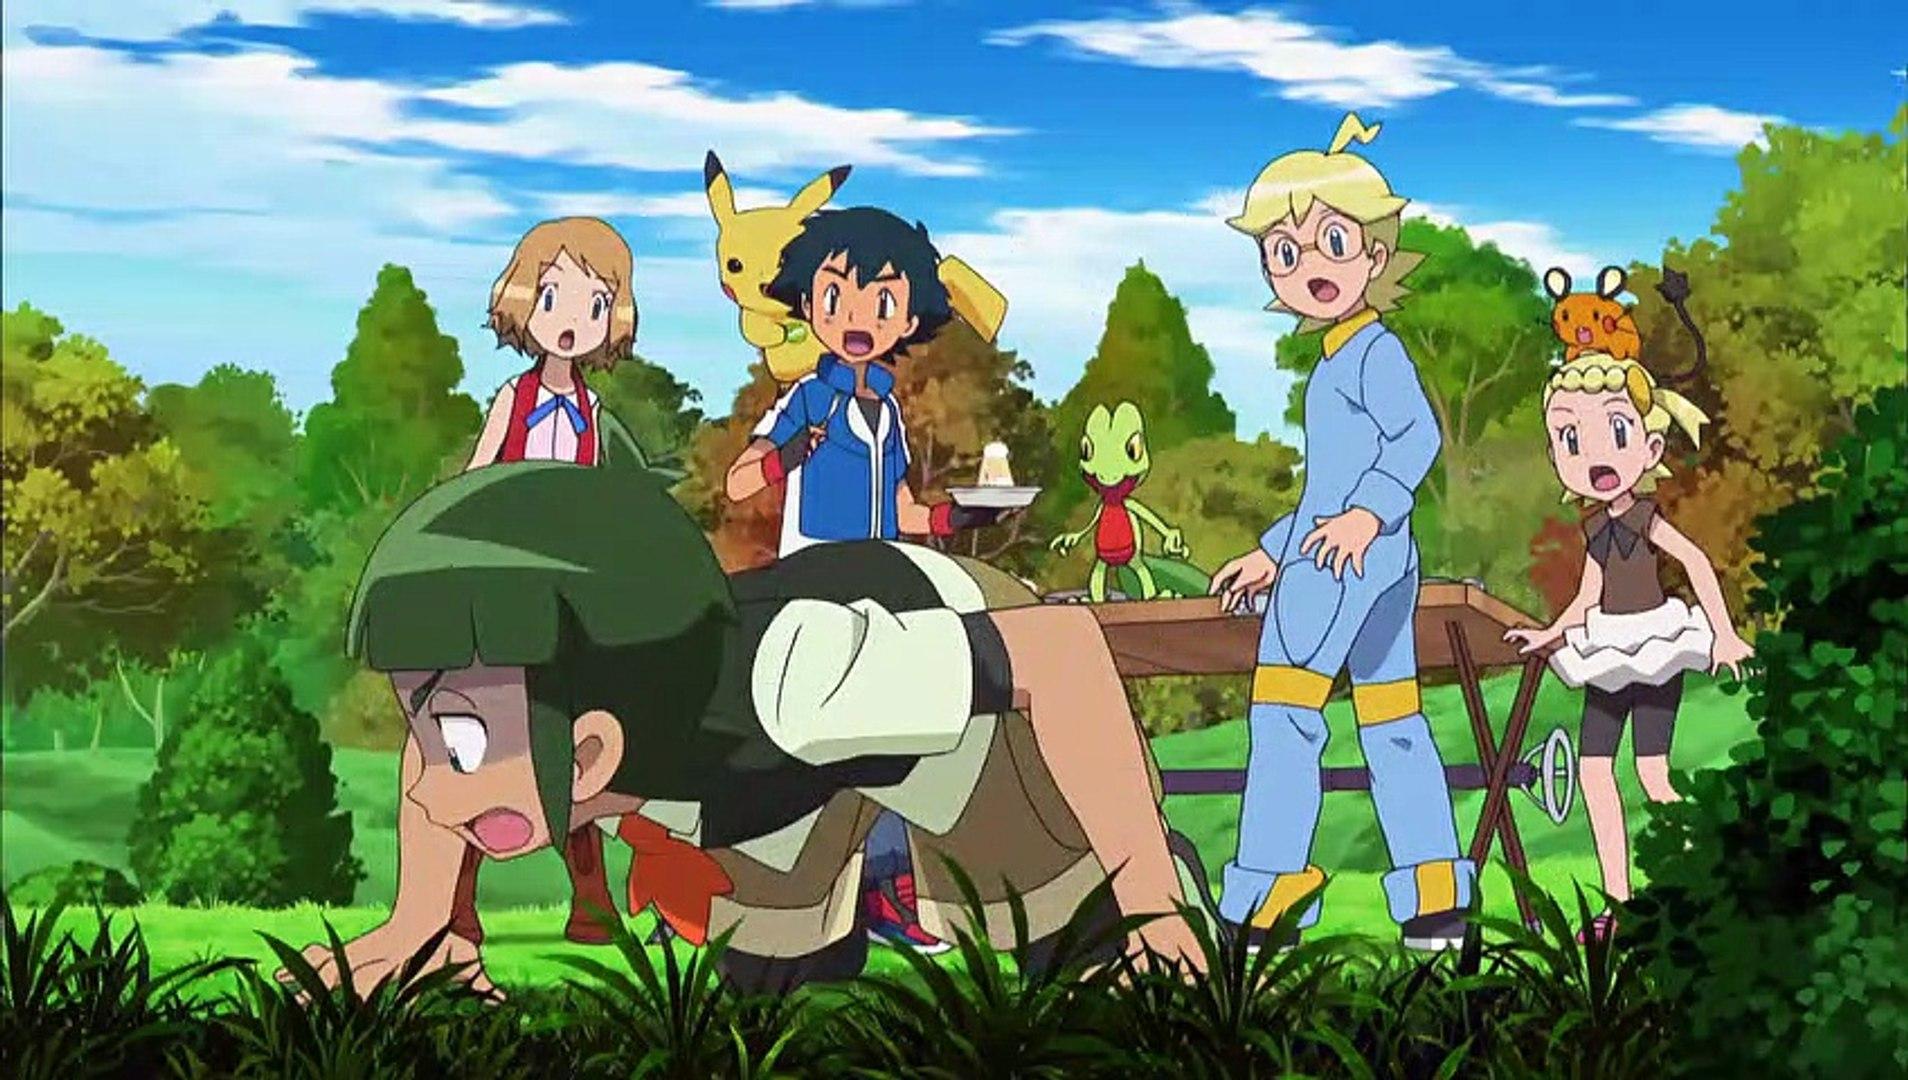 Pokemon XY Kalos Quest Episode 27 in English || Pokemon XY Kalos Quest in  English Dubbed || Pokemon Season 18 in English || Pokemon XY in English -  video Dailymotion